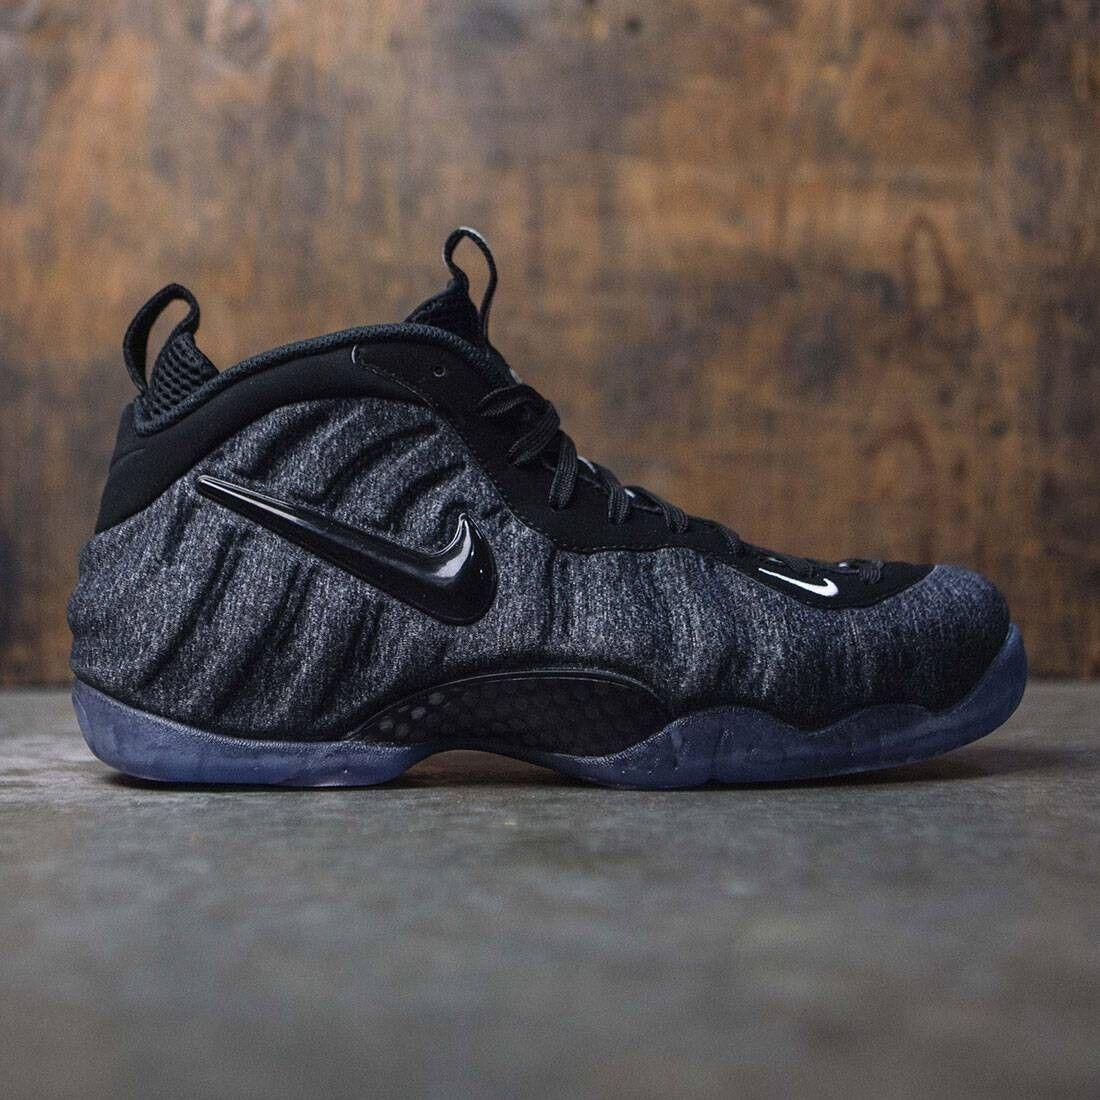 2017 Nike Air Foamposite Pro Wool Dark Grey Size 13. 624041-007 Jordan Penny